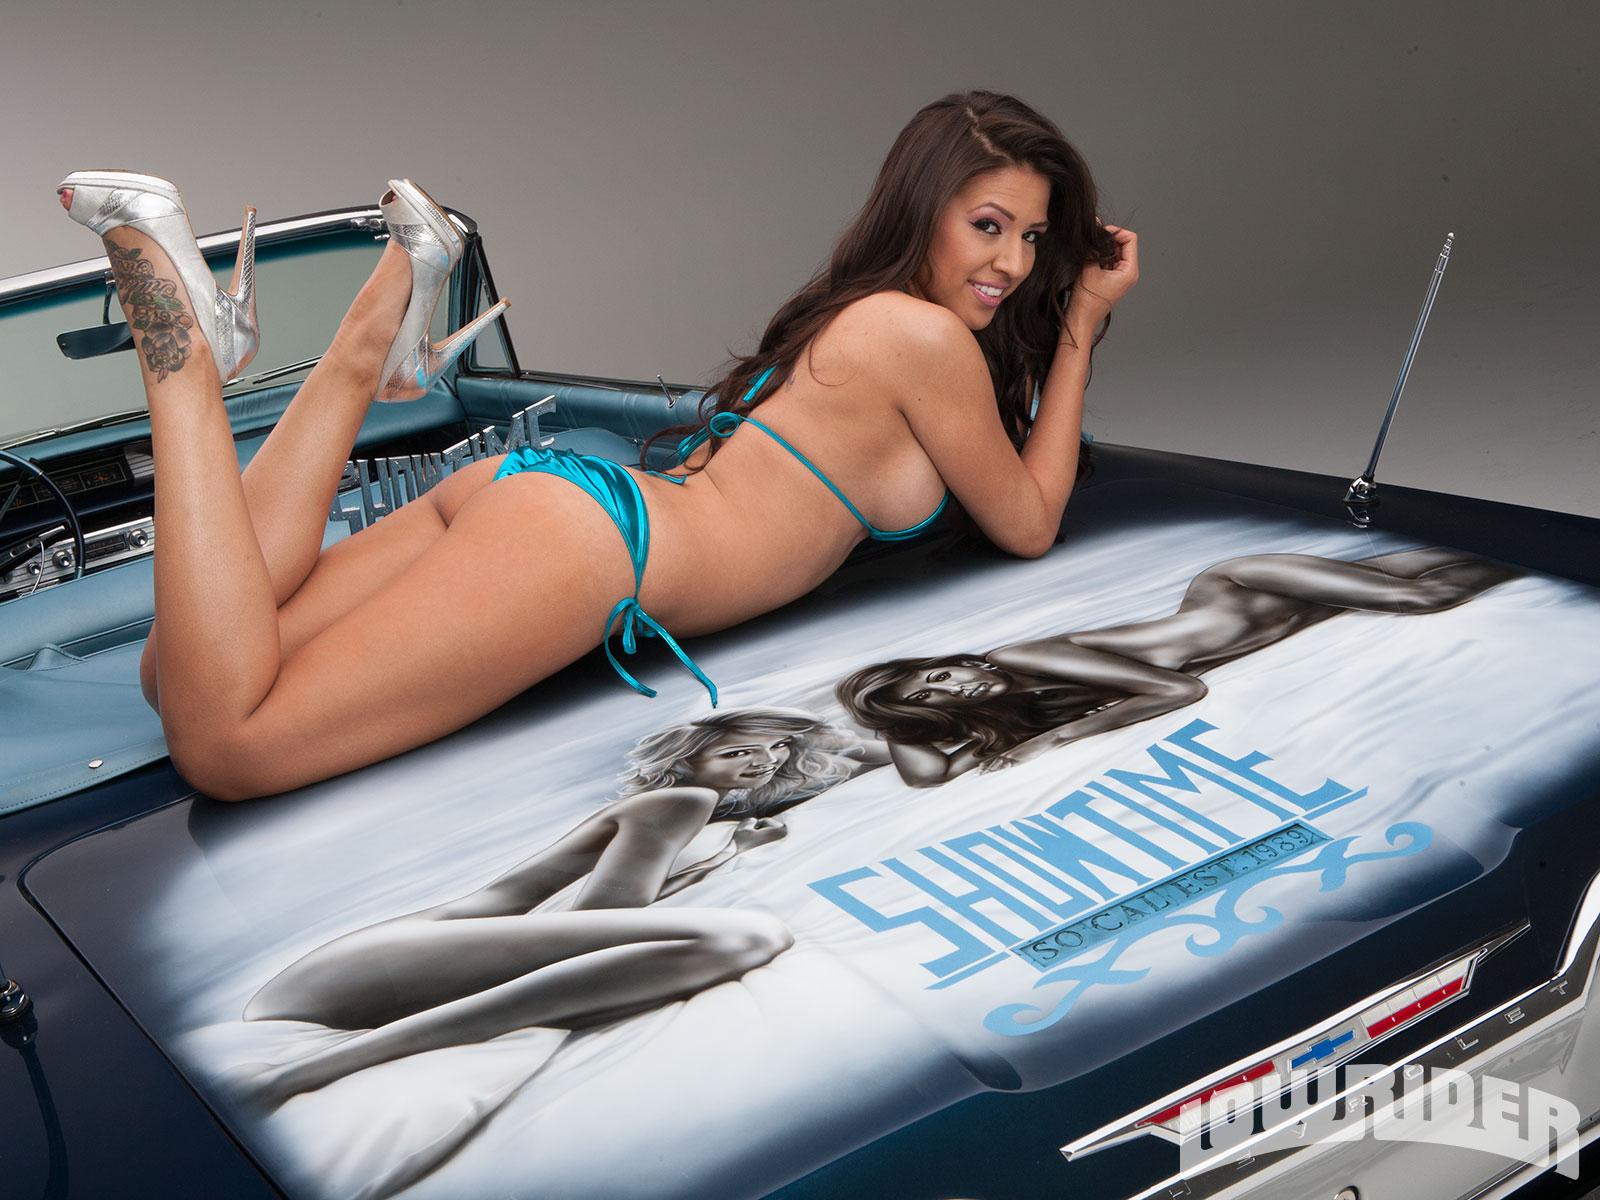 naked women on lowrider magazine